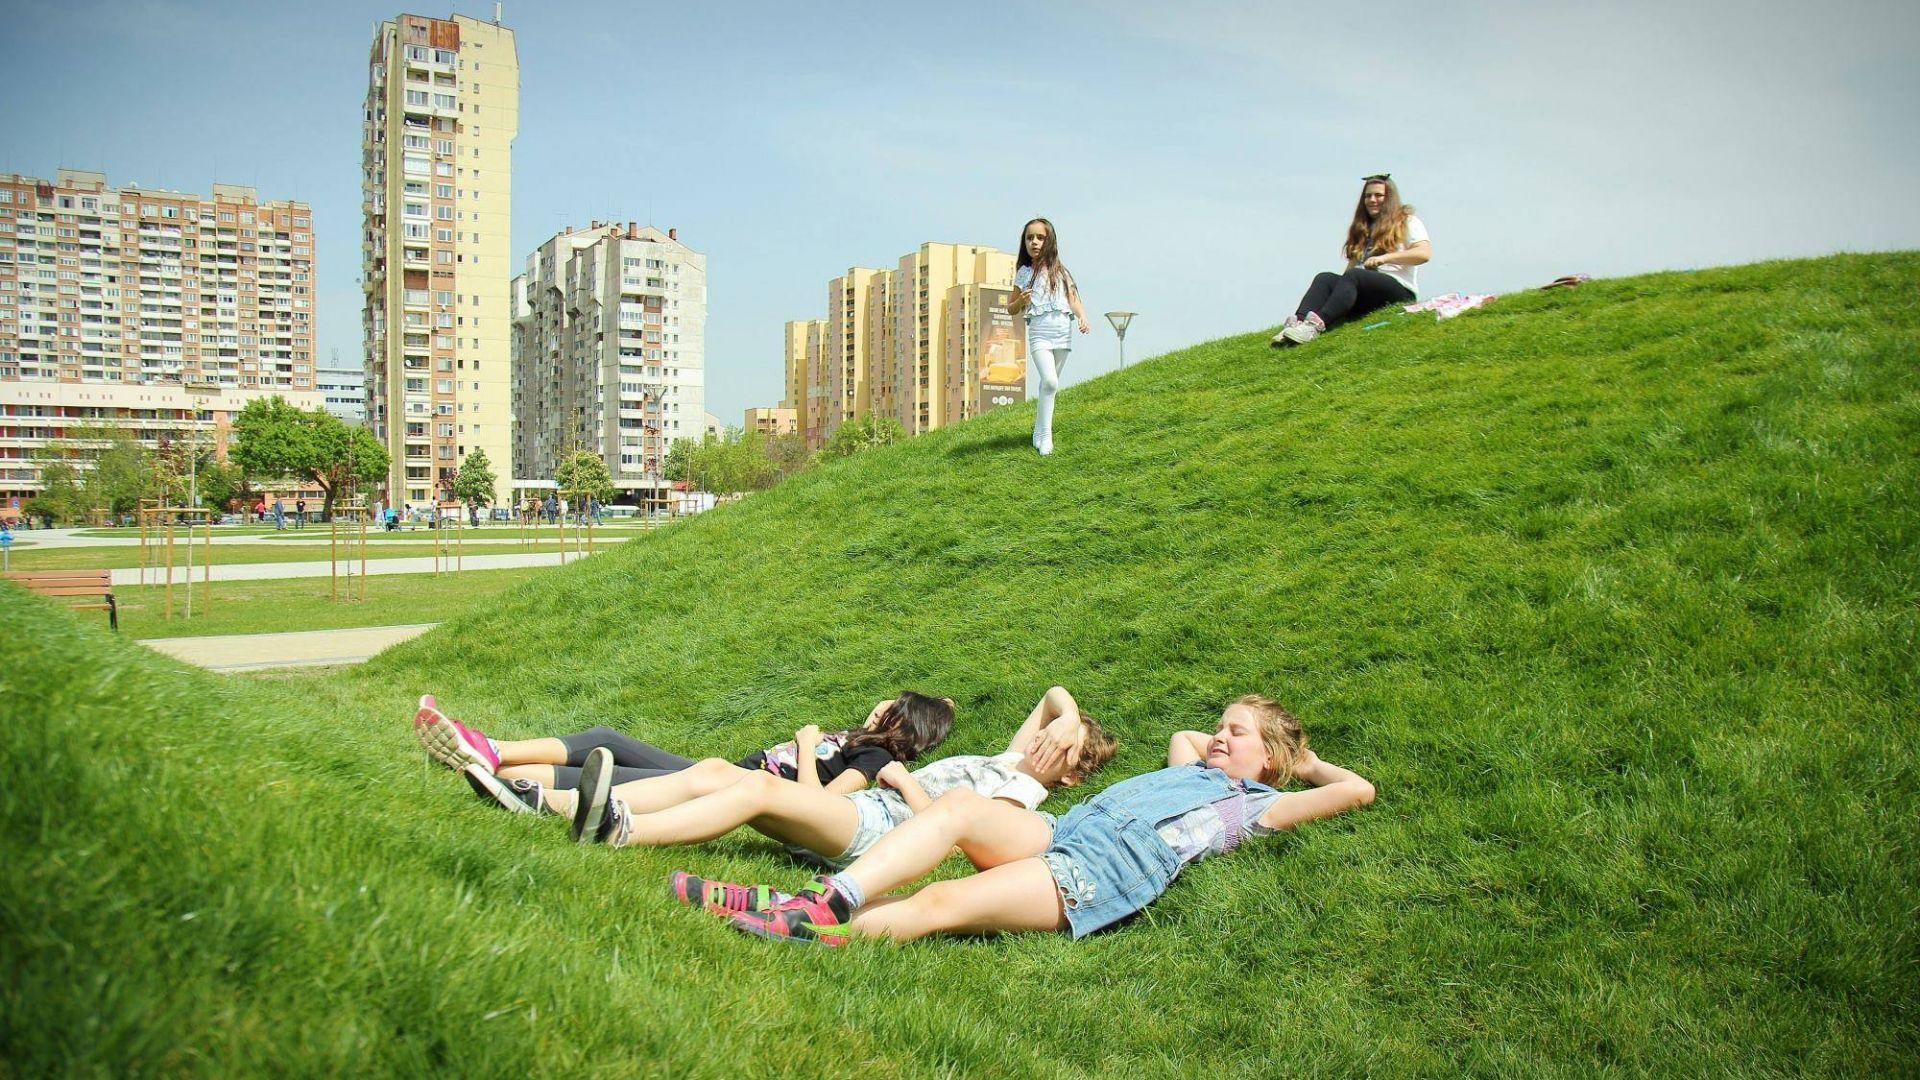 За първи път от десетилетия София има и напълно нов парк - парк Възраждане в Зона Б5